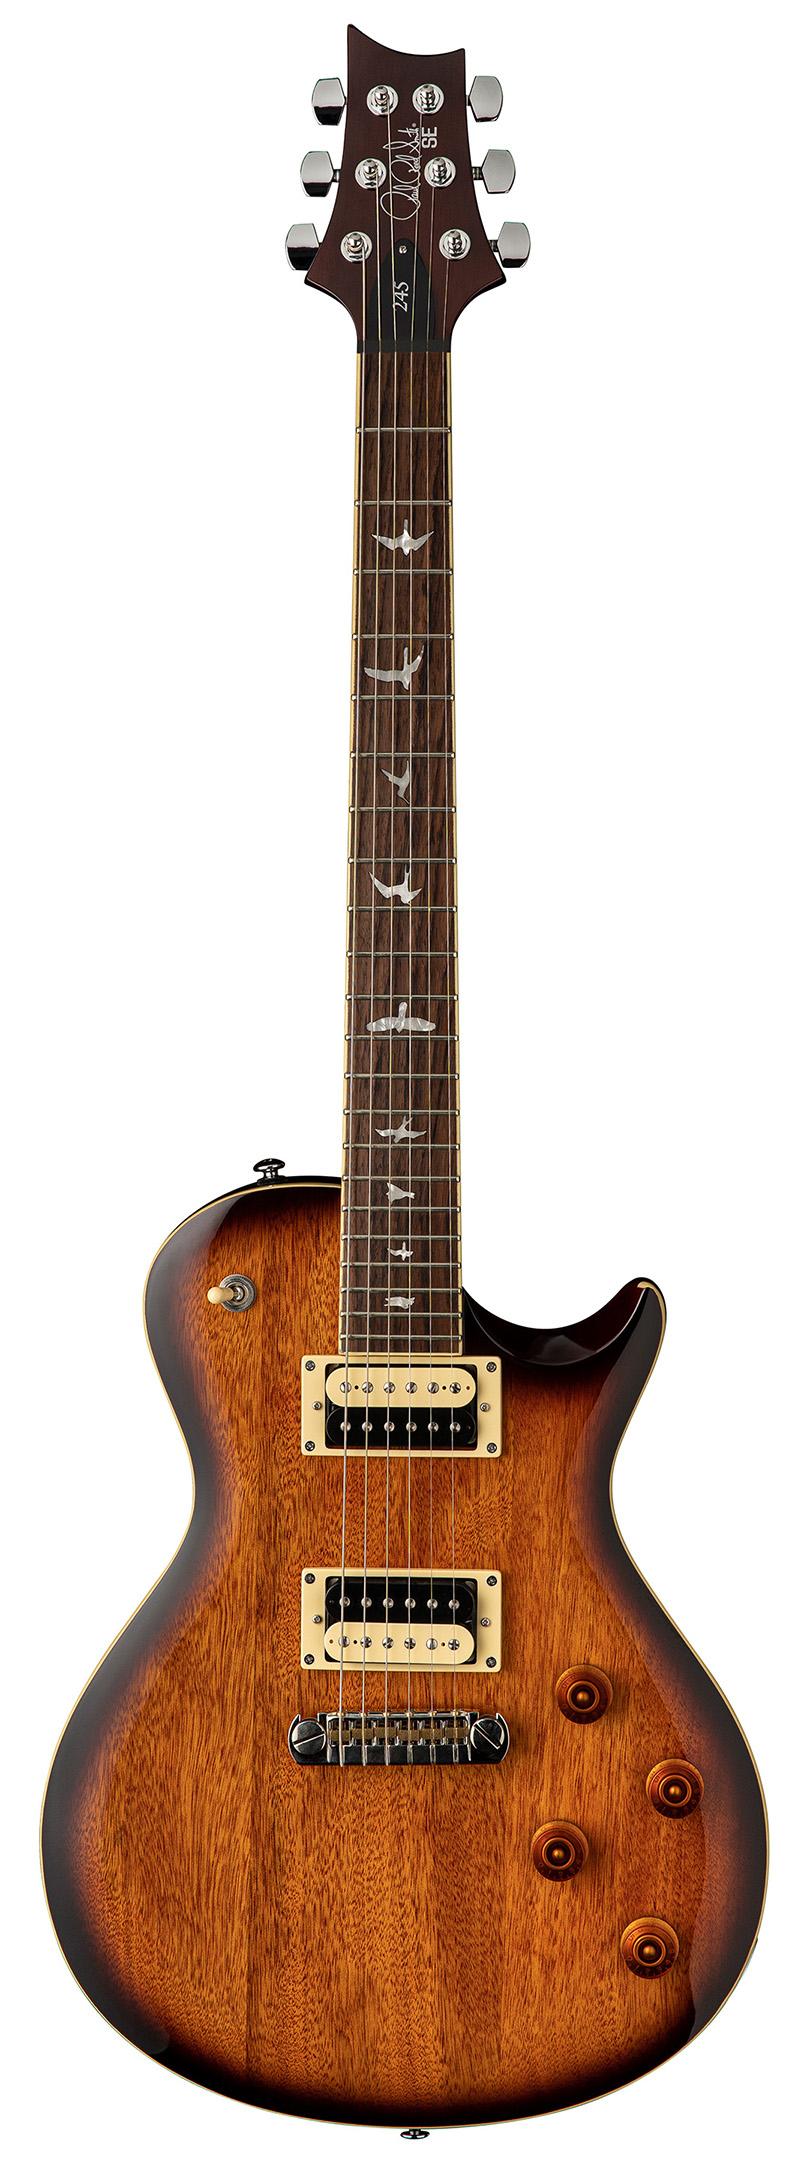 SE 245 Standard Tobacco Sunburst Guitar With Bag: Electric Guitar